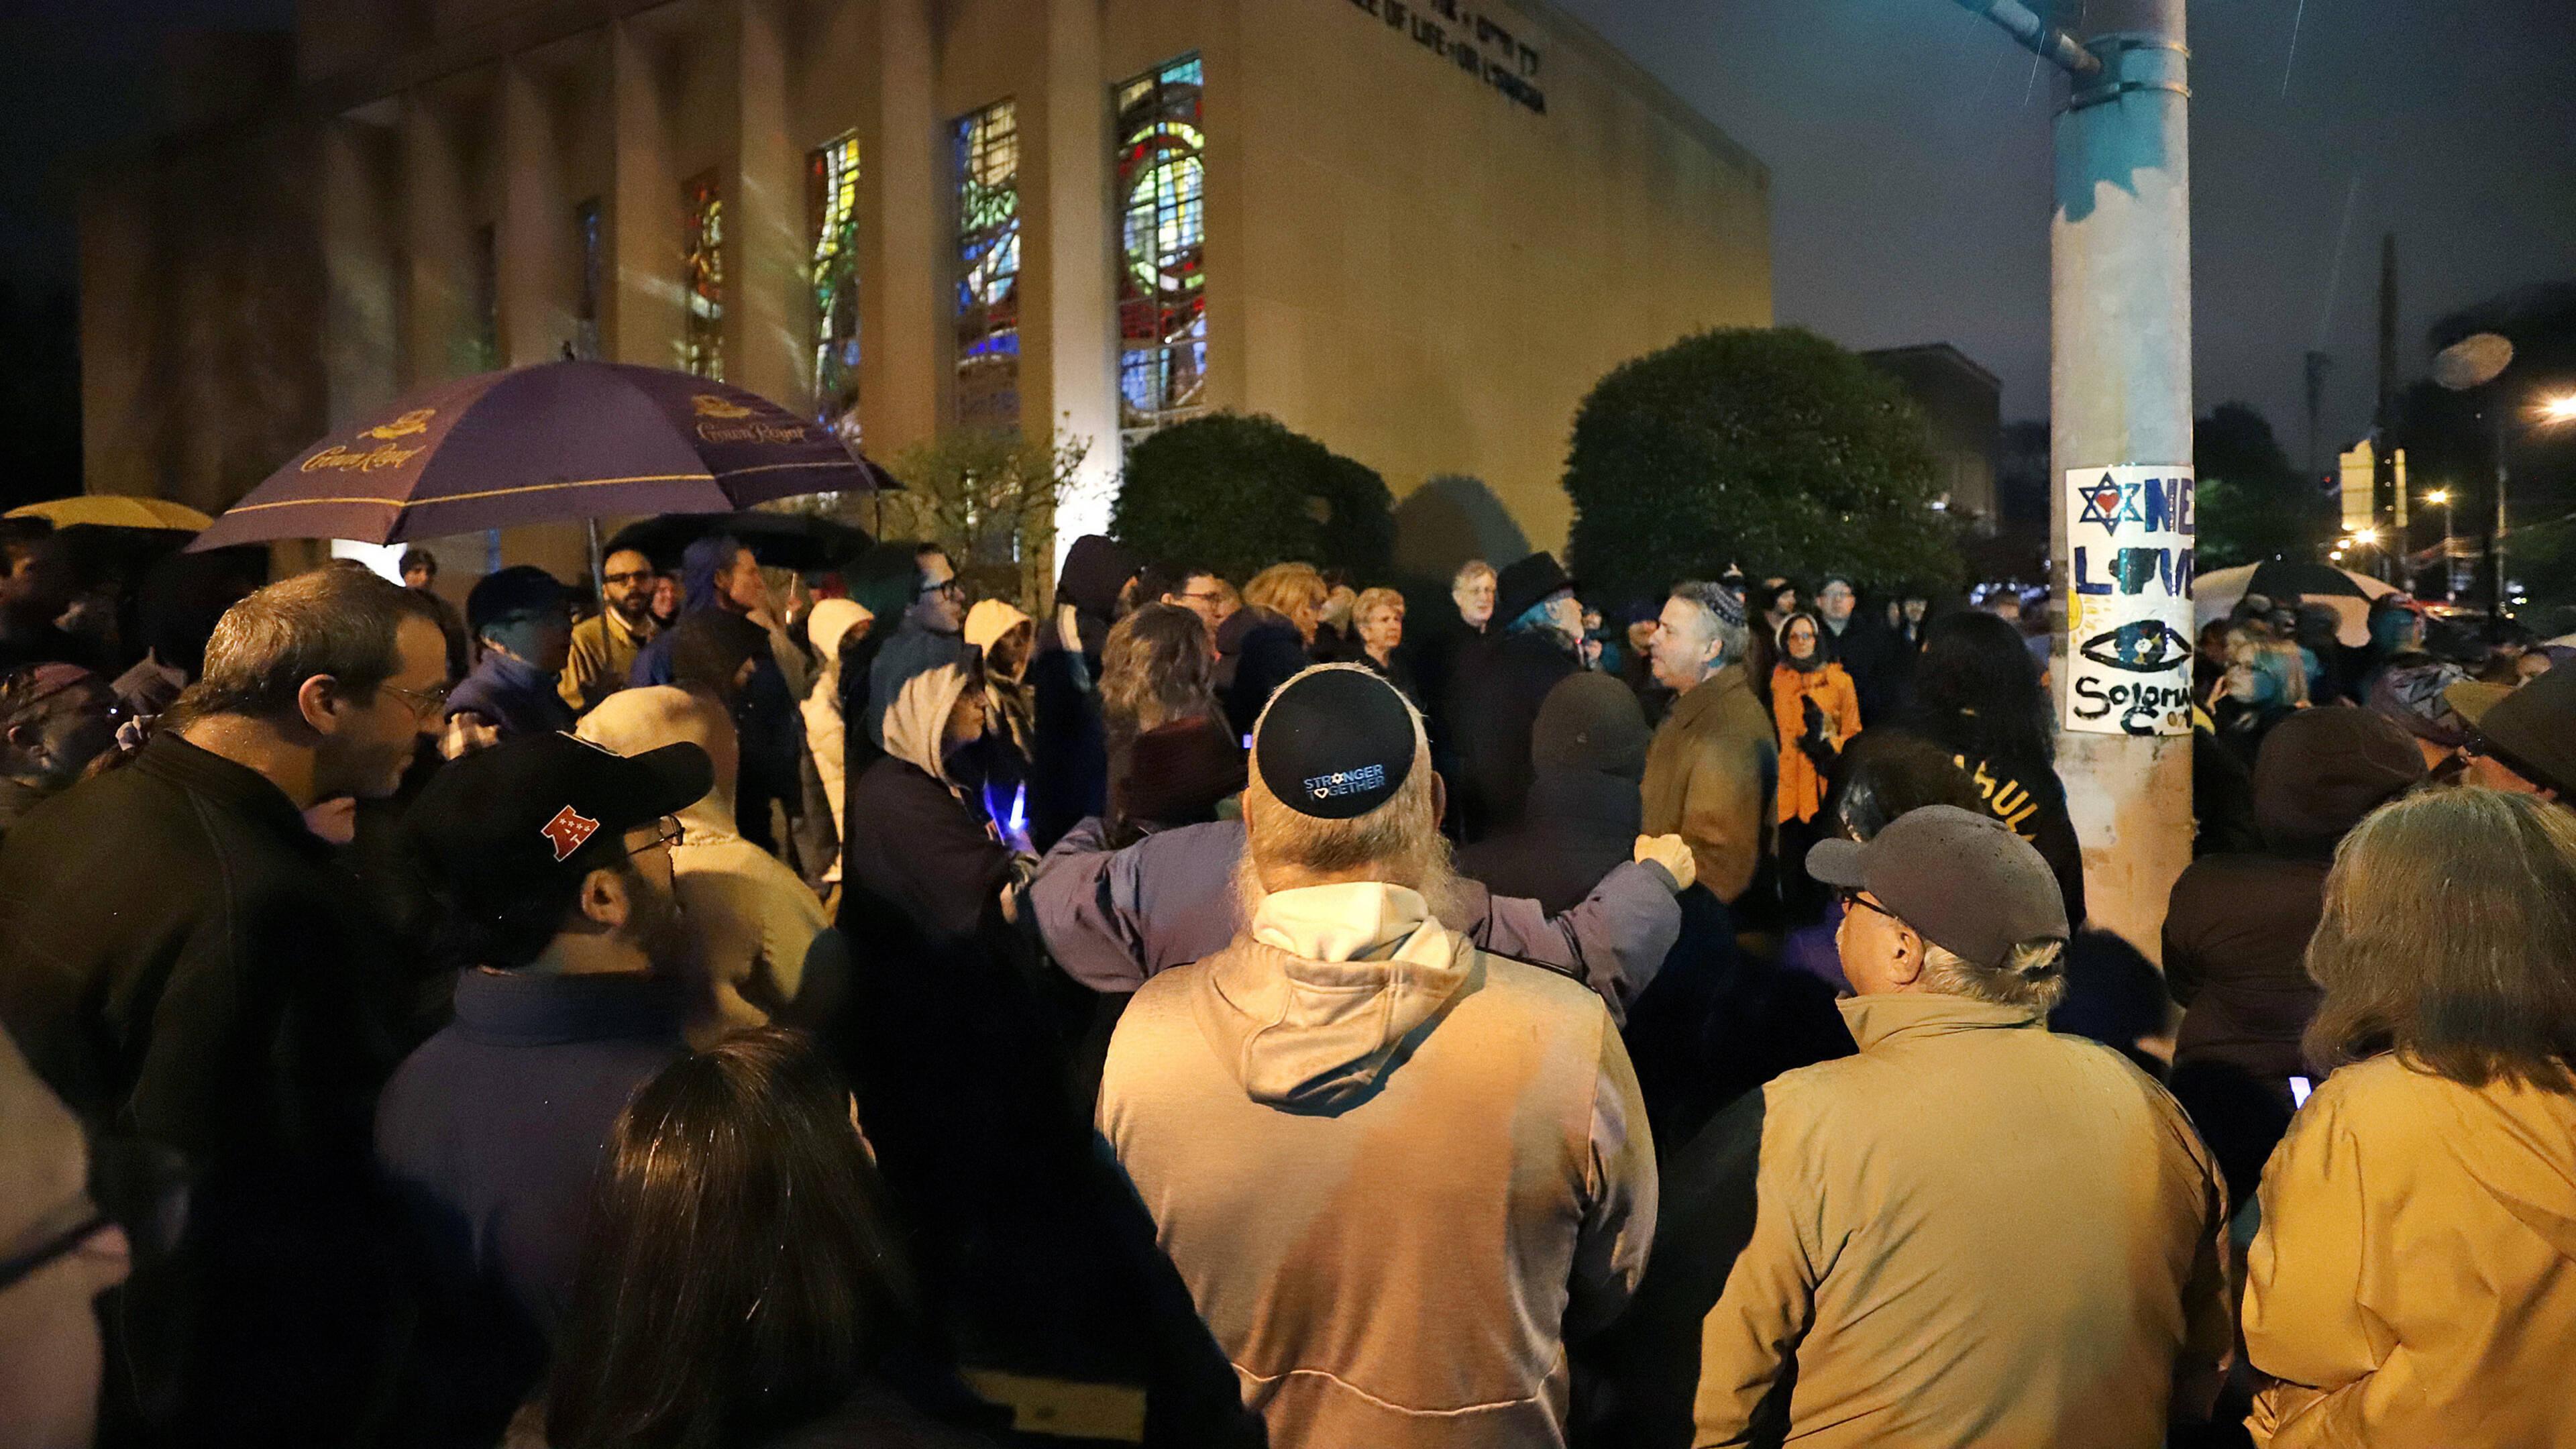 Citaten Uit De Aanslag : Dode en gewonden bij aanslag op synagoge californië nos